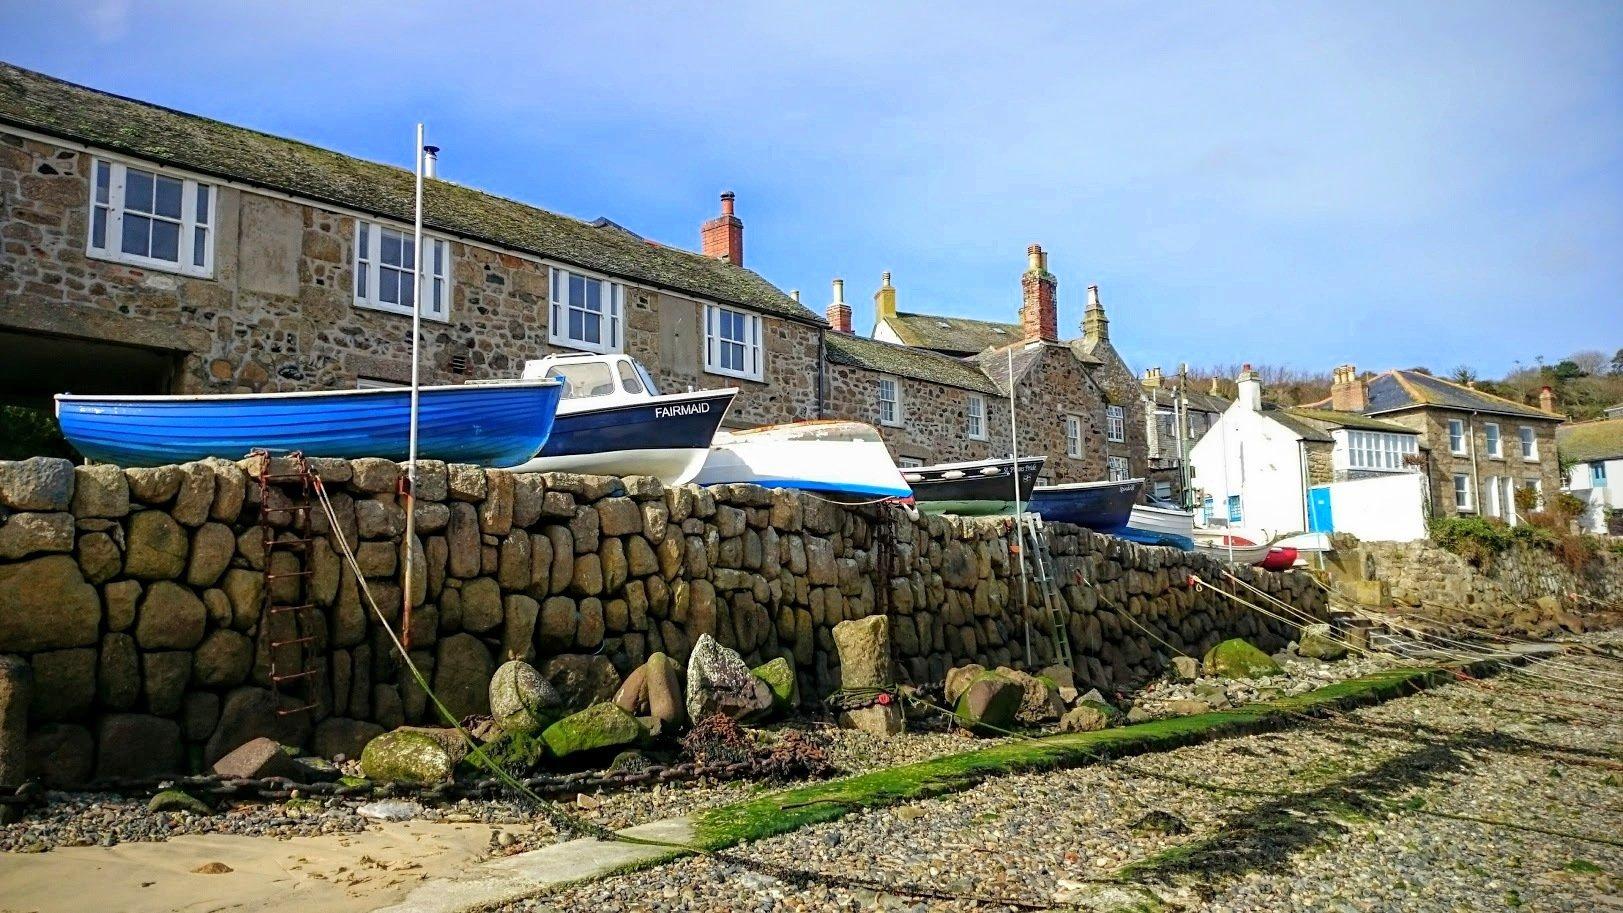 Cornwall rannikko kokemuksia mousehole kylä